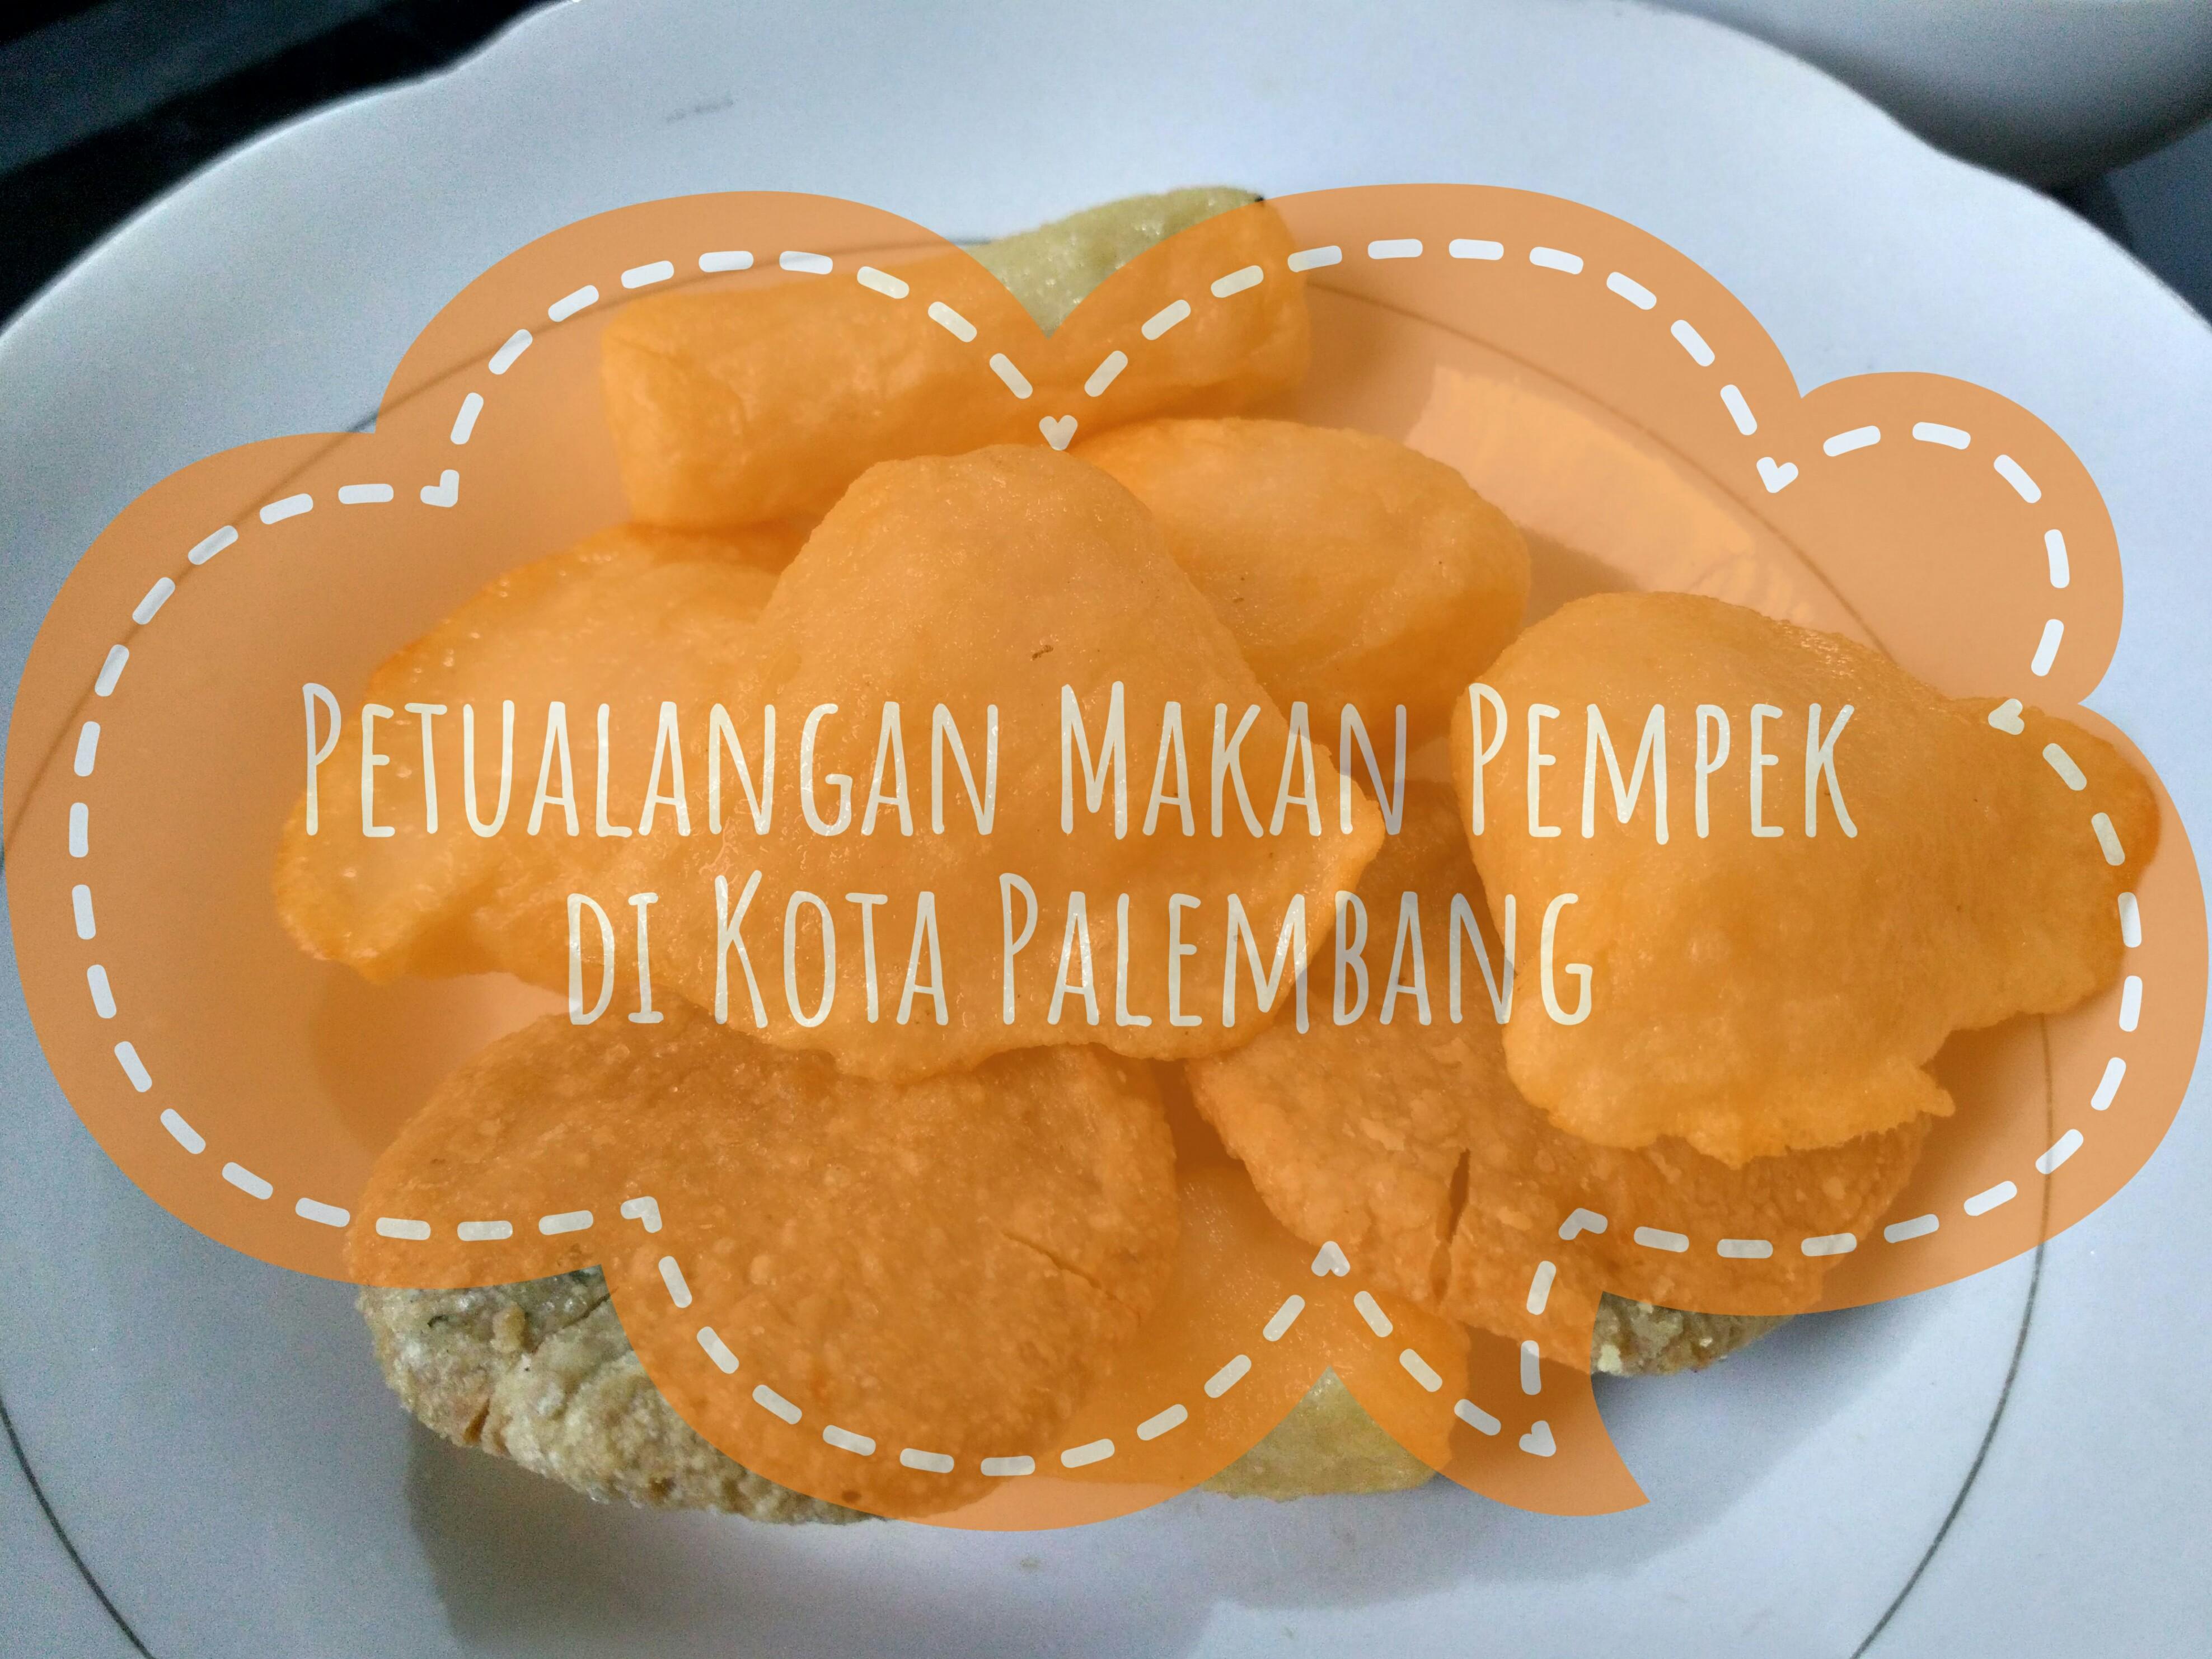 RoadTripMbokJastra # 2 Petualangan Makan Mpek-mpek di kota Palembang